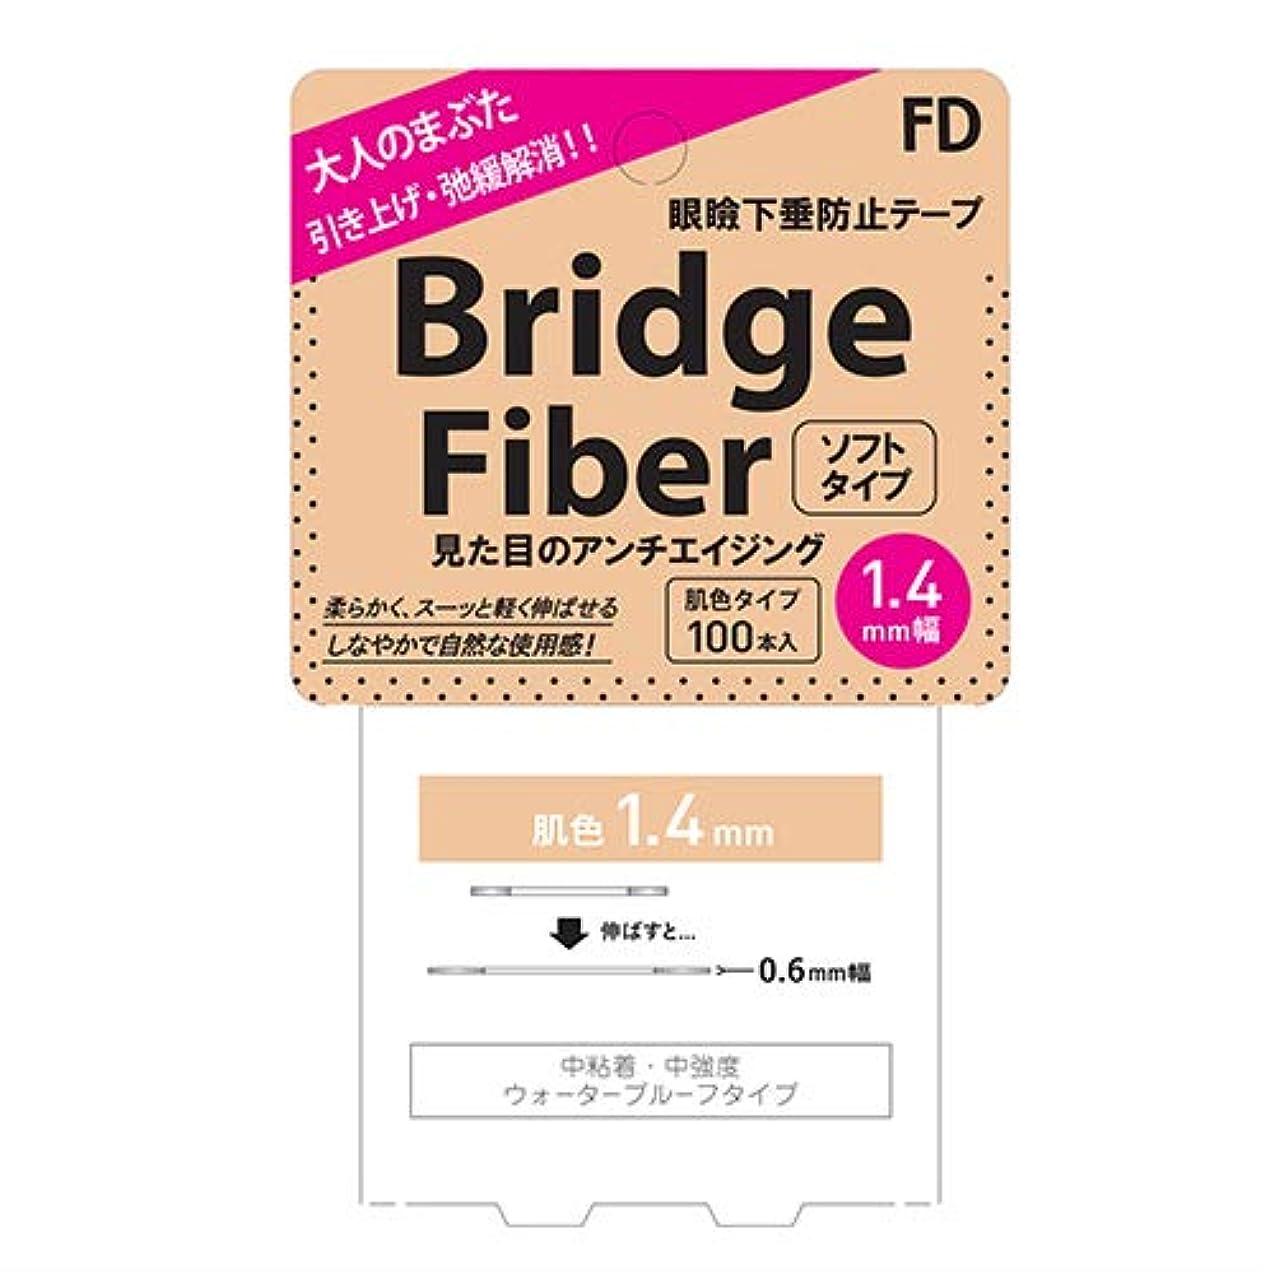 最後の論理的取り扱いFD ブリッジファイバーソフト (Bridge Fiber Soft) 肌色(ヌーディー) 100本入 1.4mm